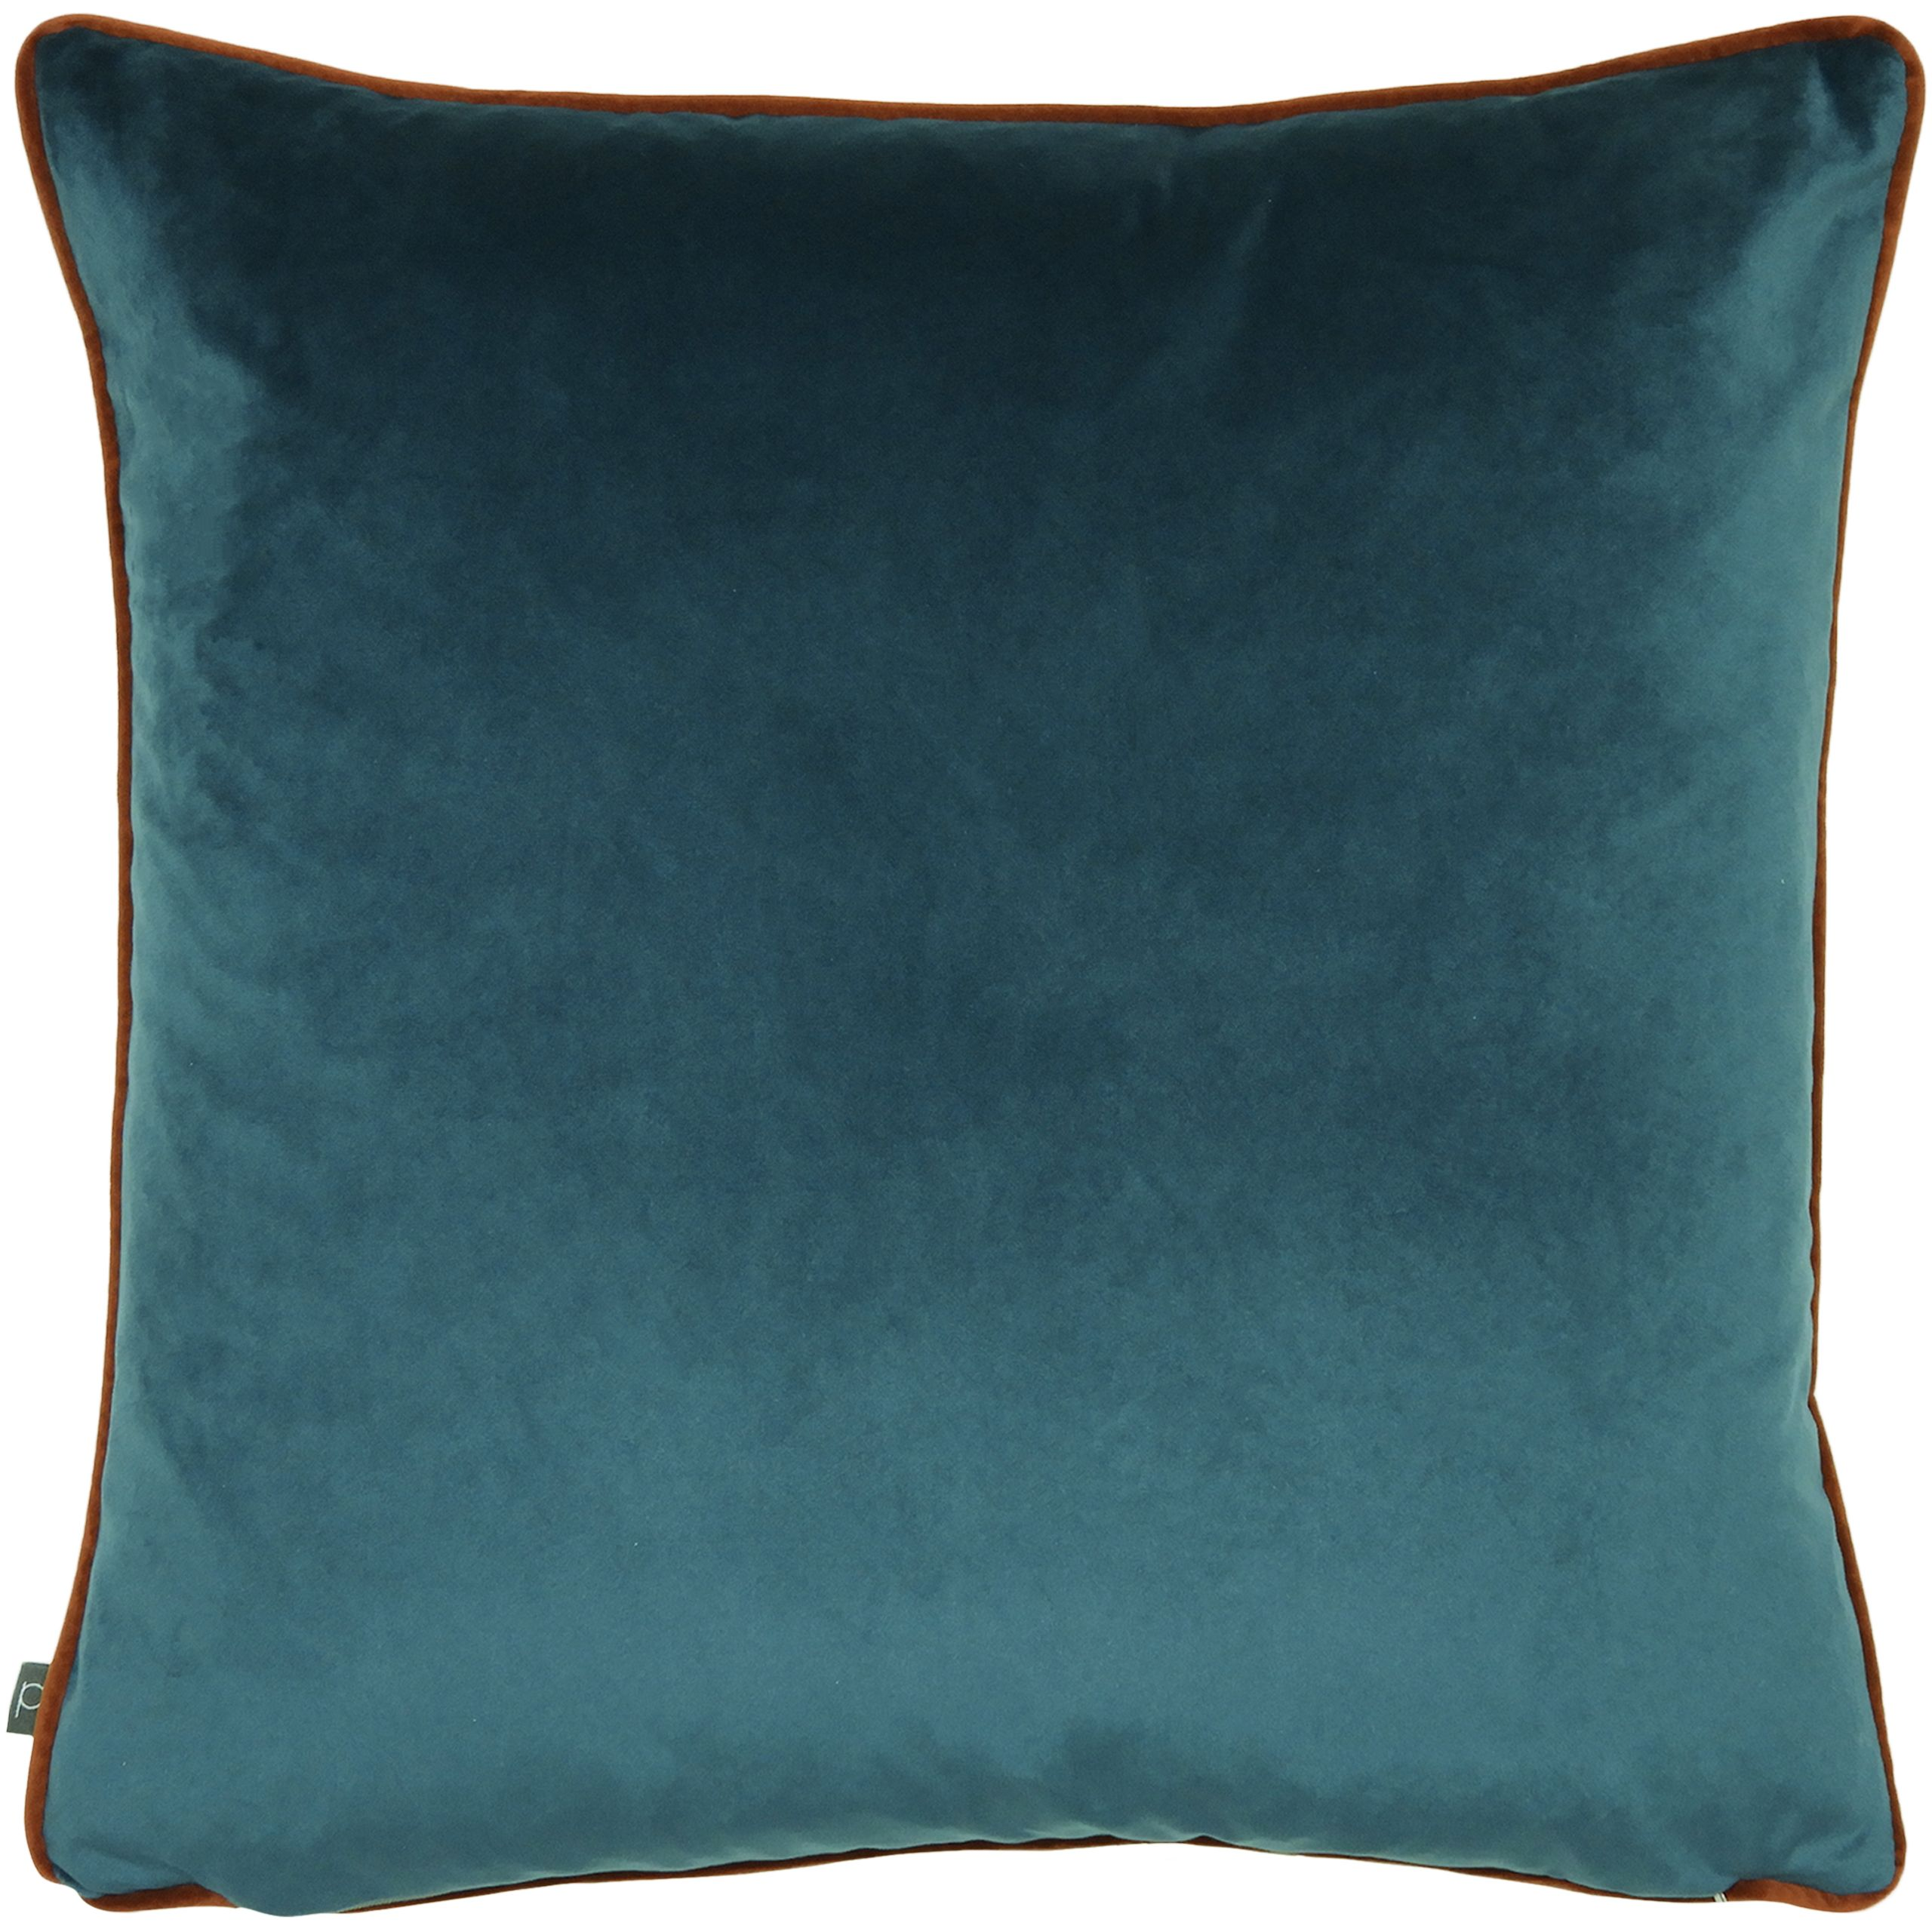 Gisele Cushion